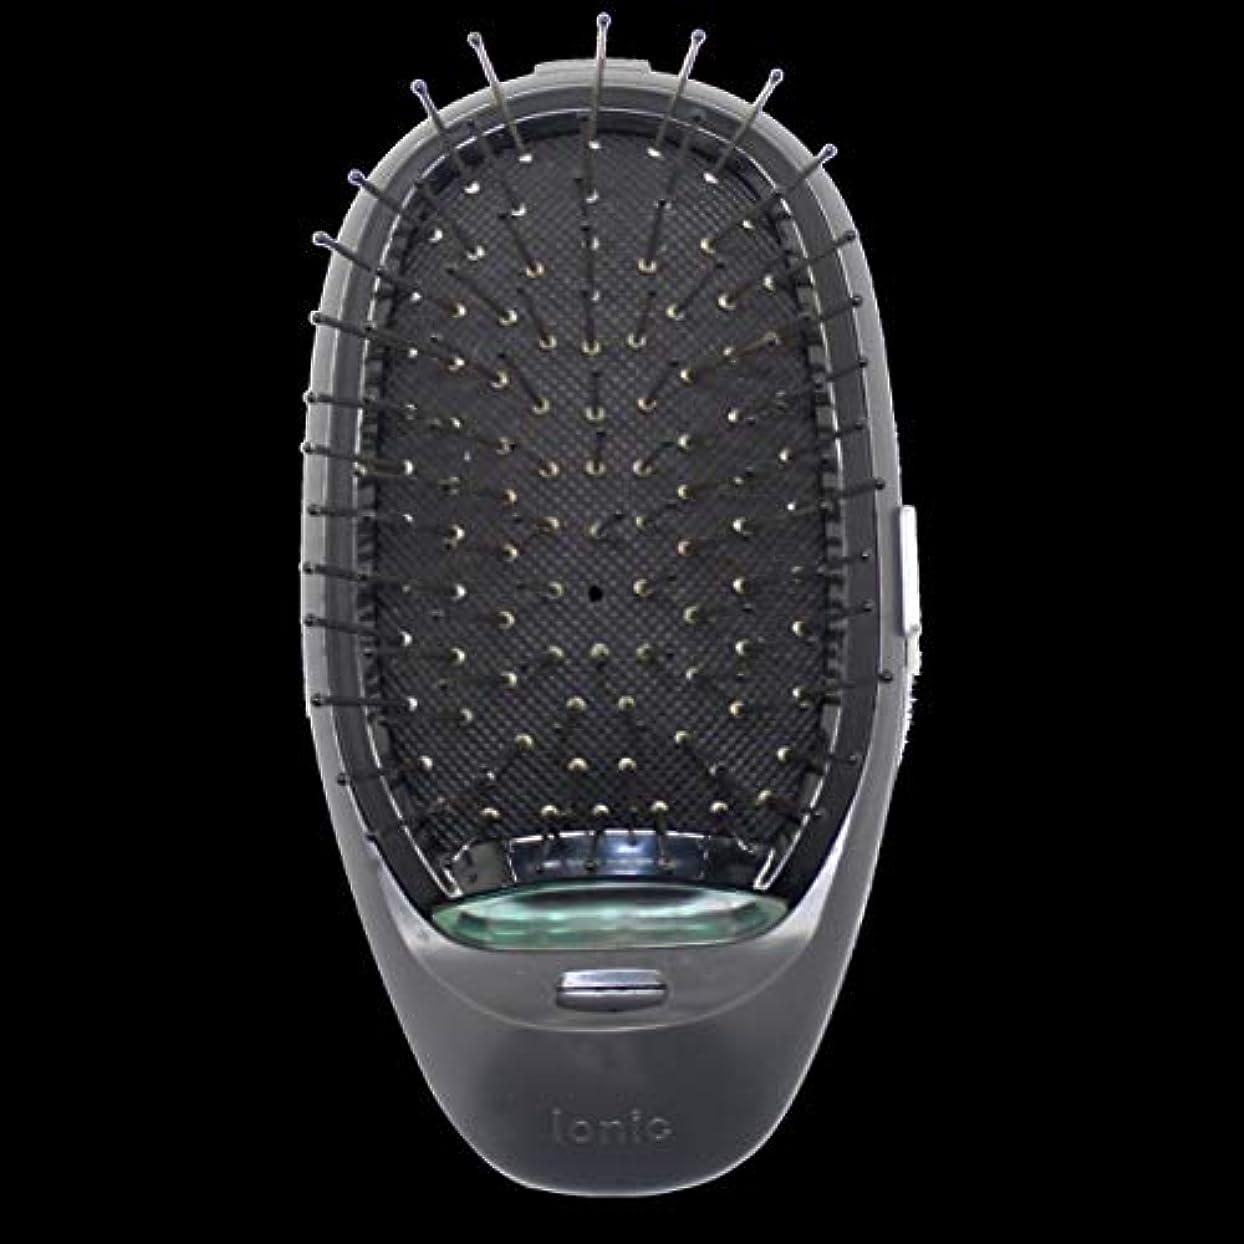 レクリエーション自信がある出力電動マッサージヘアブラシミニマイナスイオンヘアコム3Dインフレータブルコーム帯電防止ガールズヘアブラシ電池式 - ブラック